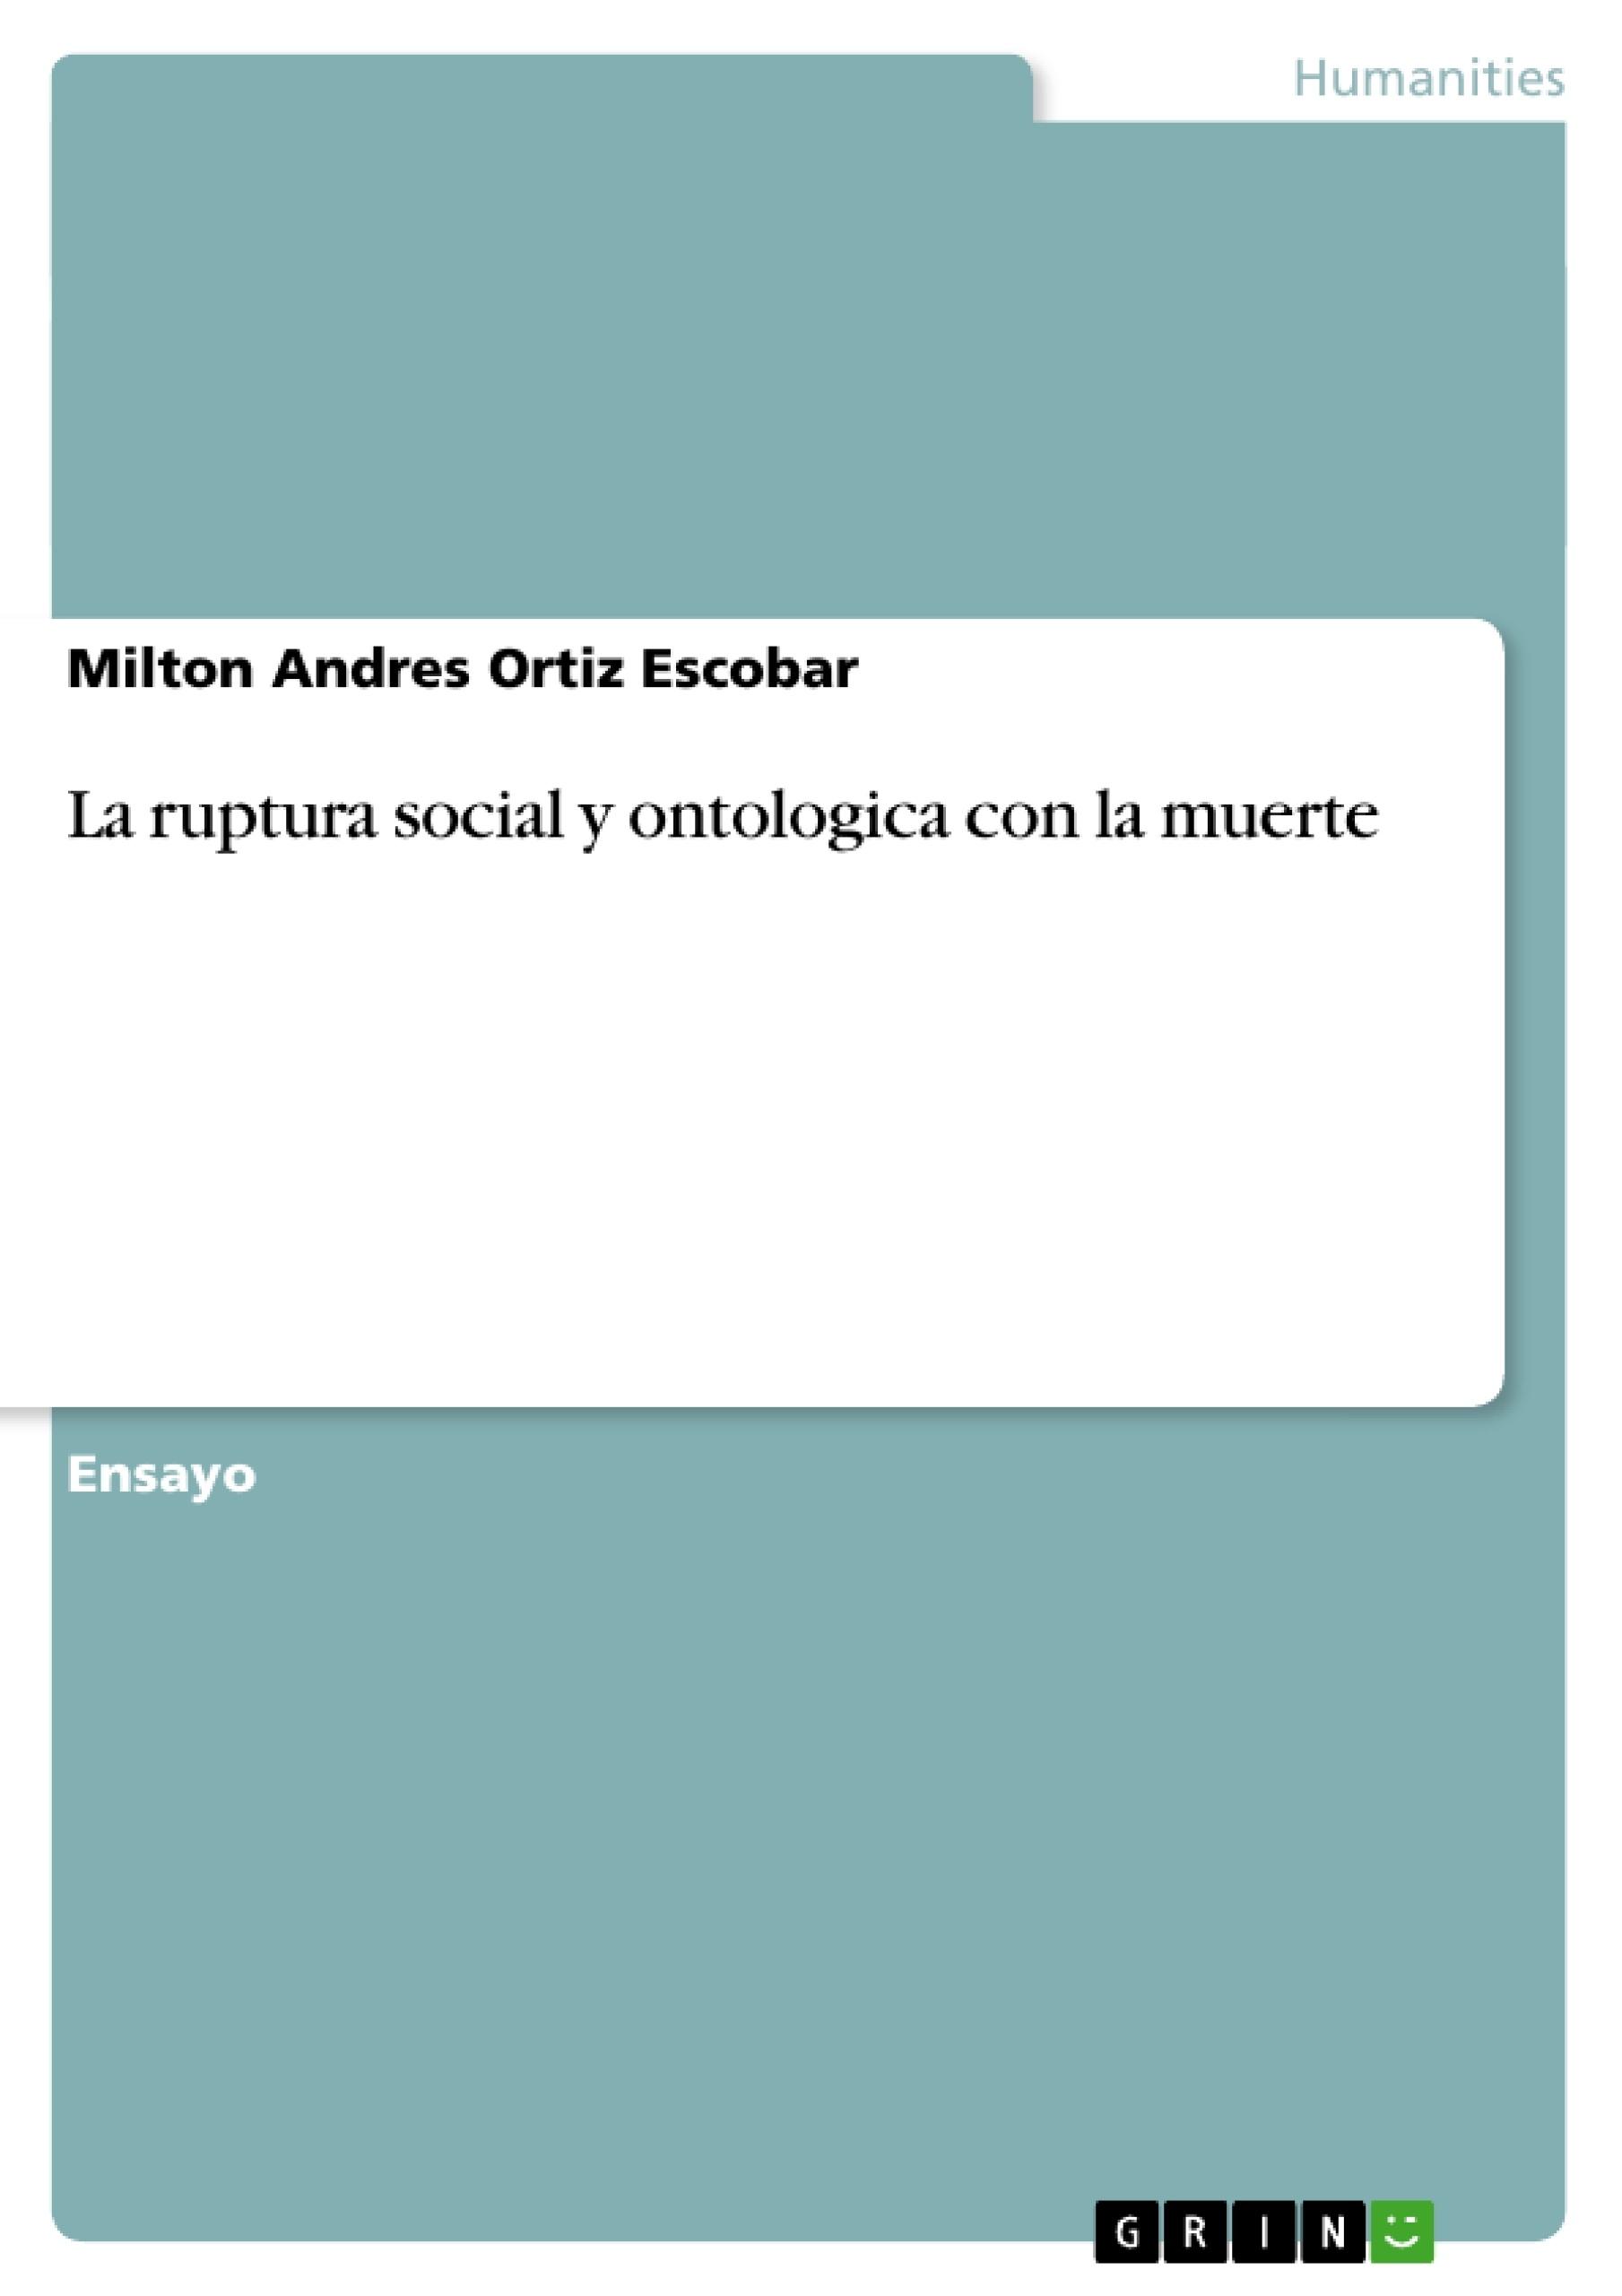 Título: La ruptura social y ontologica con la muerte